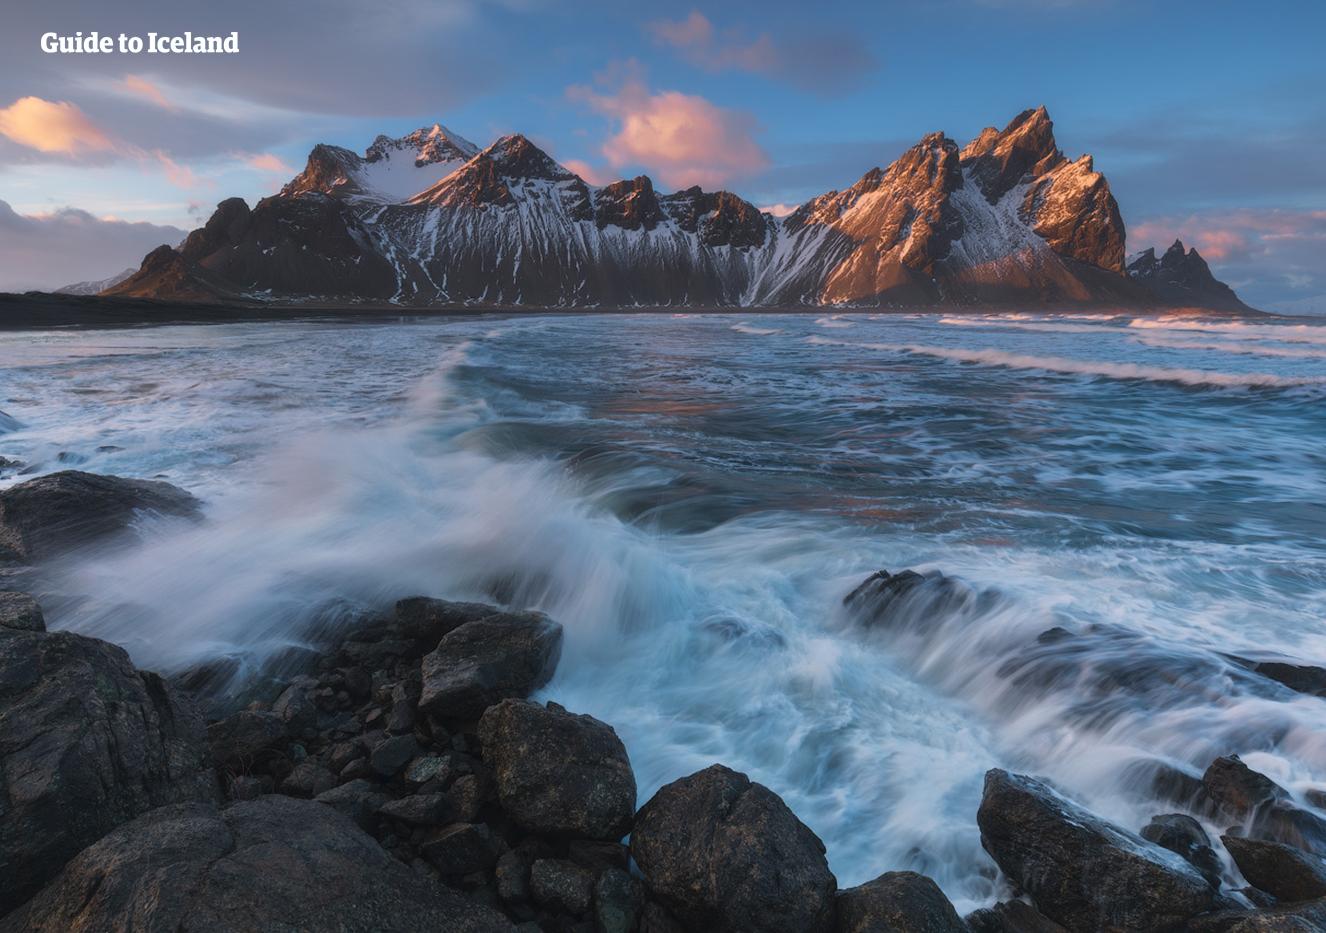 Góra Vestrahorn jest jednym z najczęściej fotografowanych obiektów na półwyspie Stokksnes.